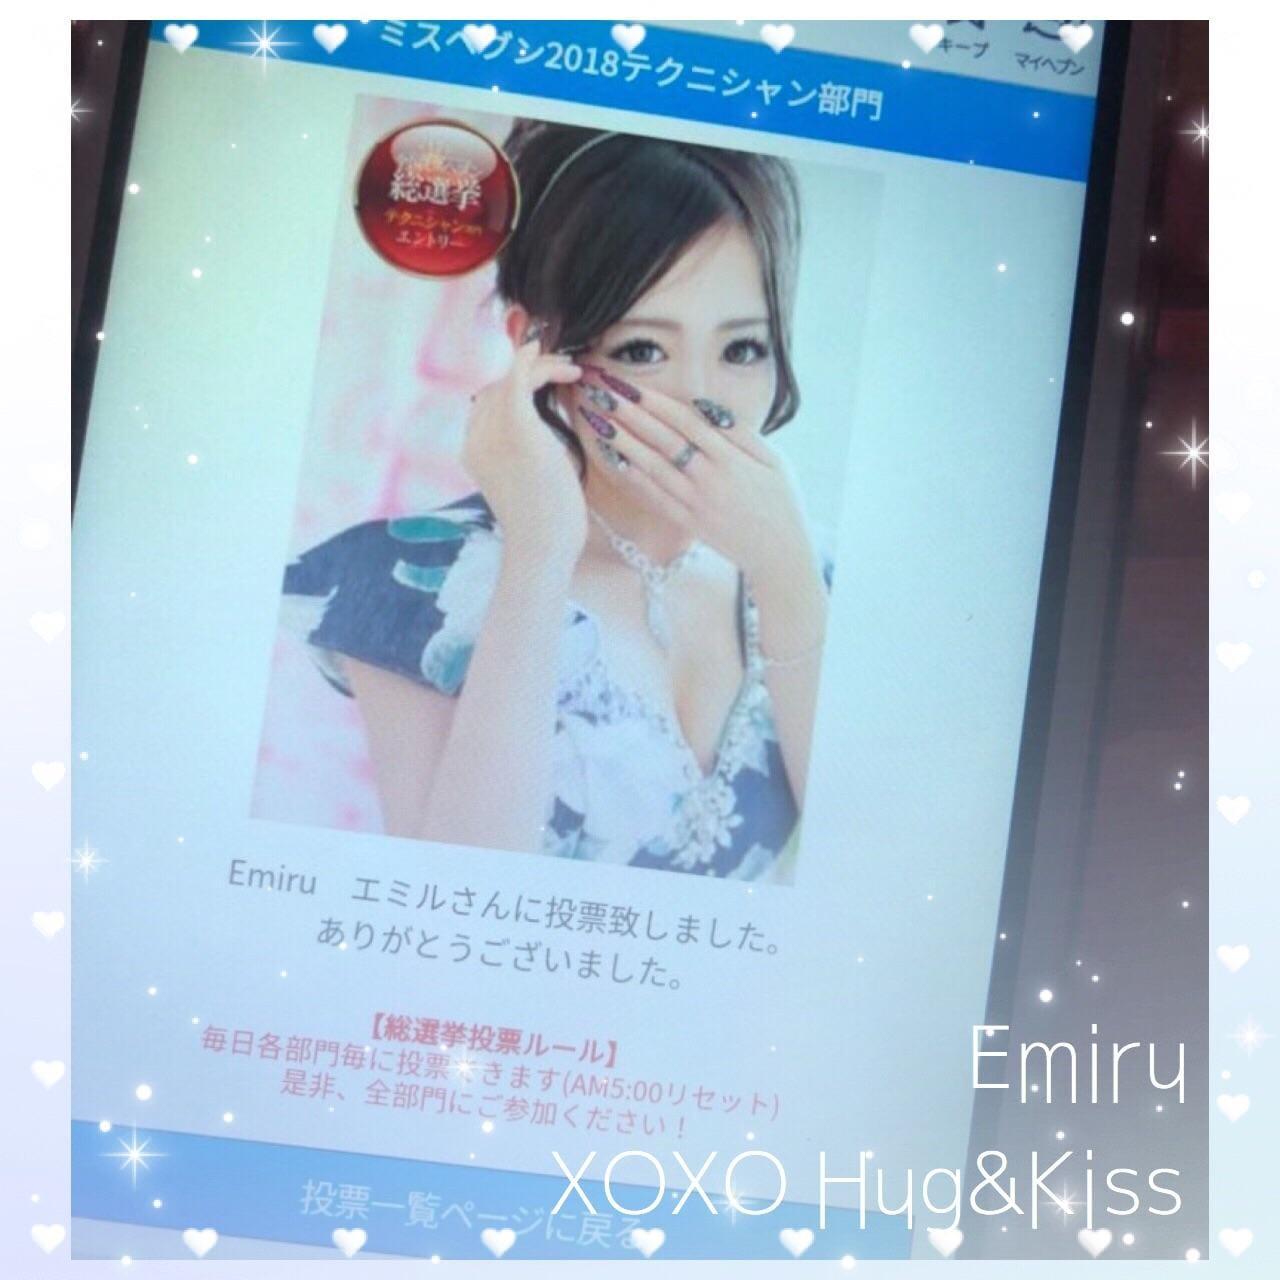 「えみゅ( ?????? )」07/17(火) 18:15 | Emiru エミルの写メ・風俗動画